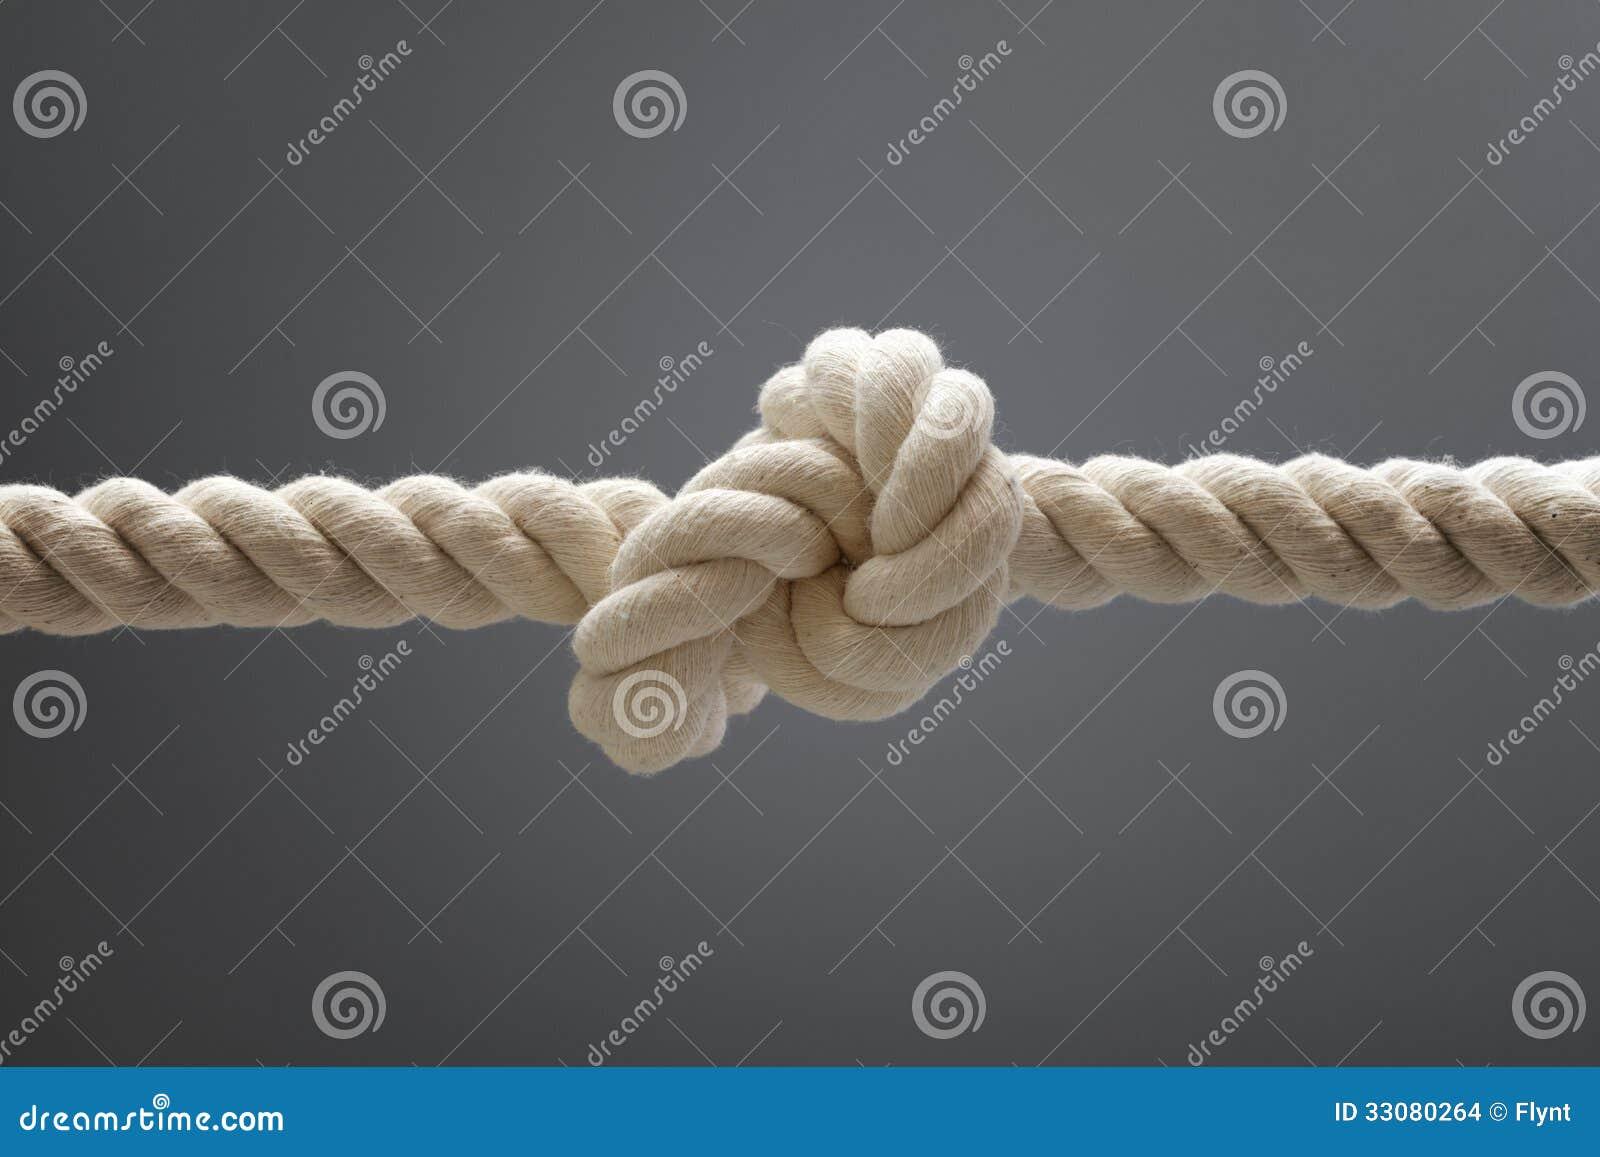 Nudo de la cuerda